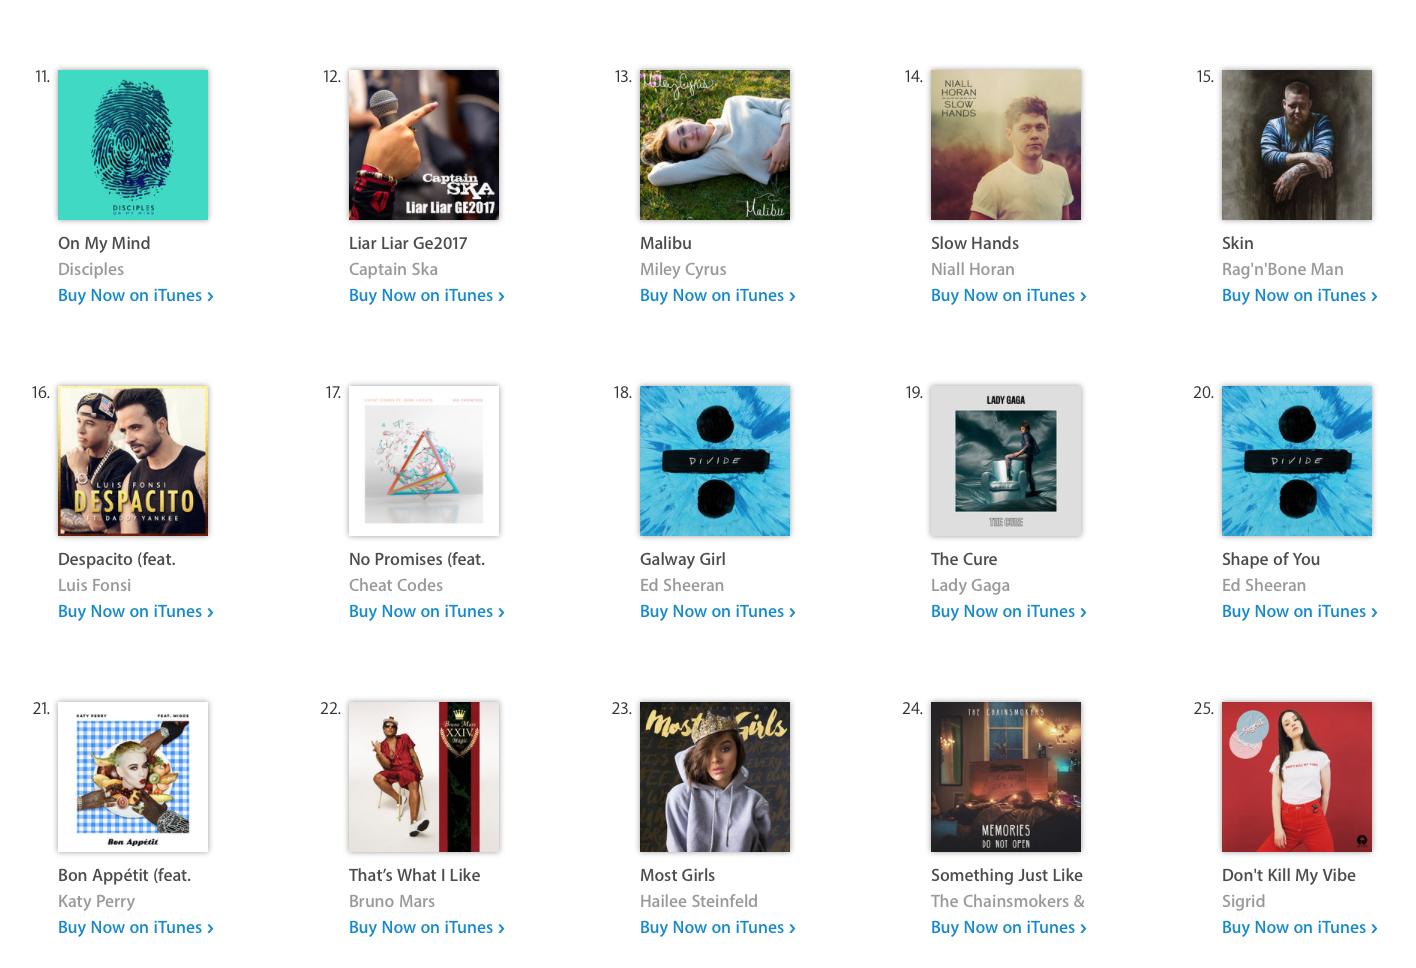 L'attuale classifica sull'iTunes Store.